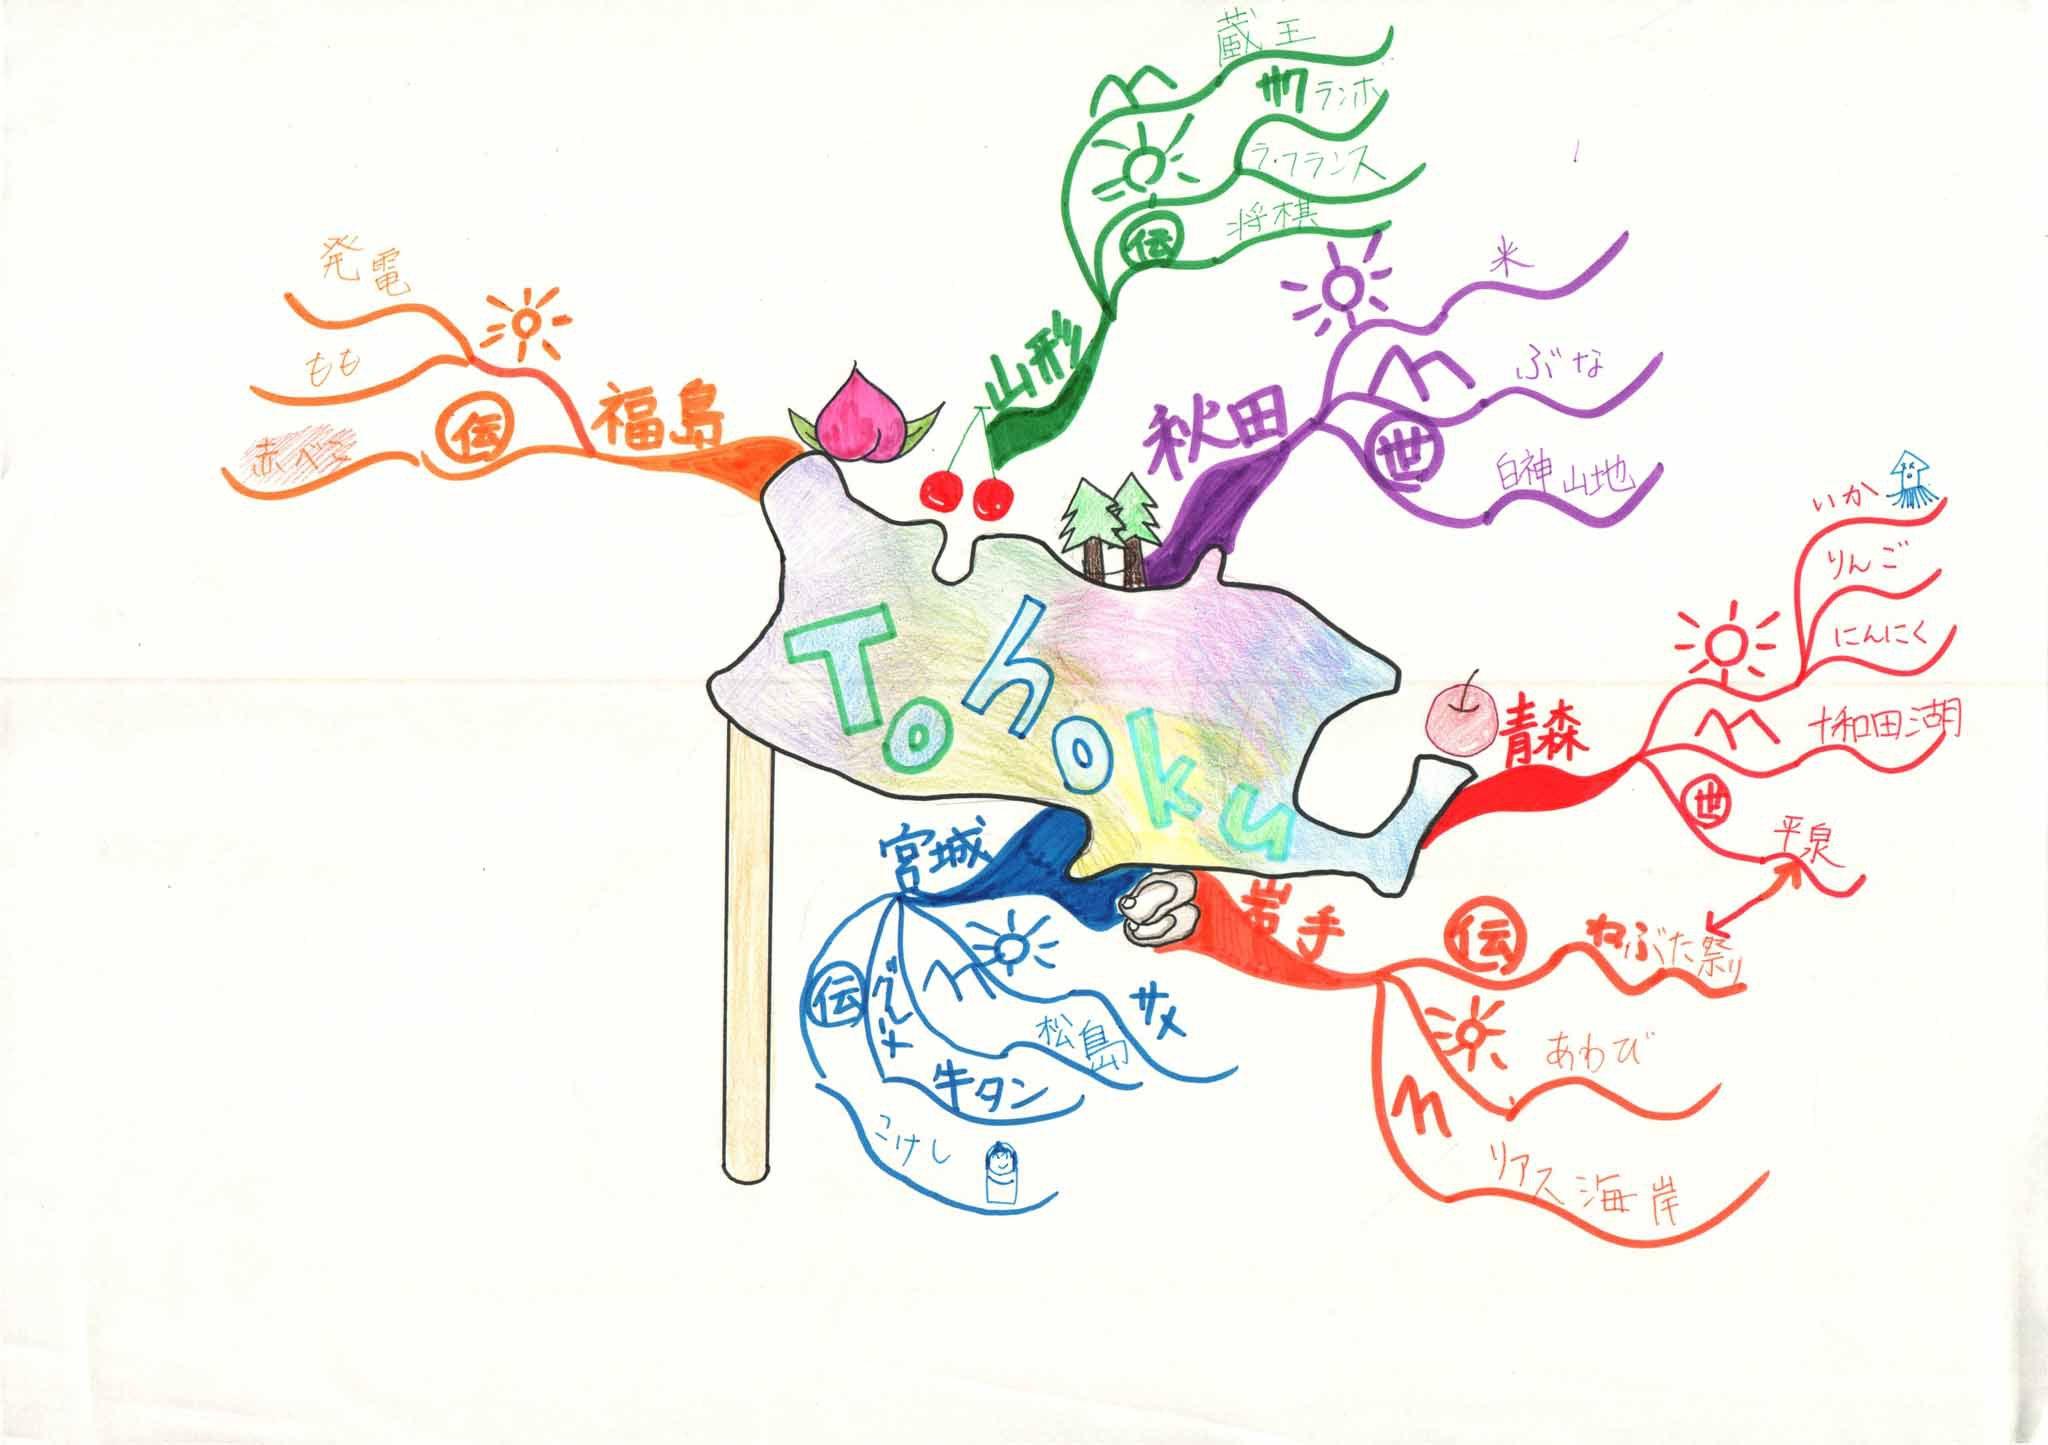 みんなのマインドマップ~東北地方のうた(小学5・6年生)